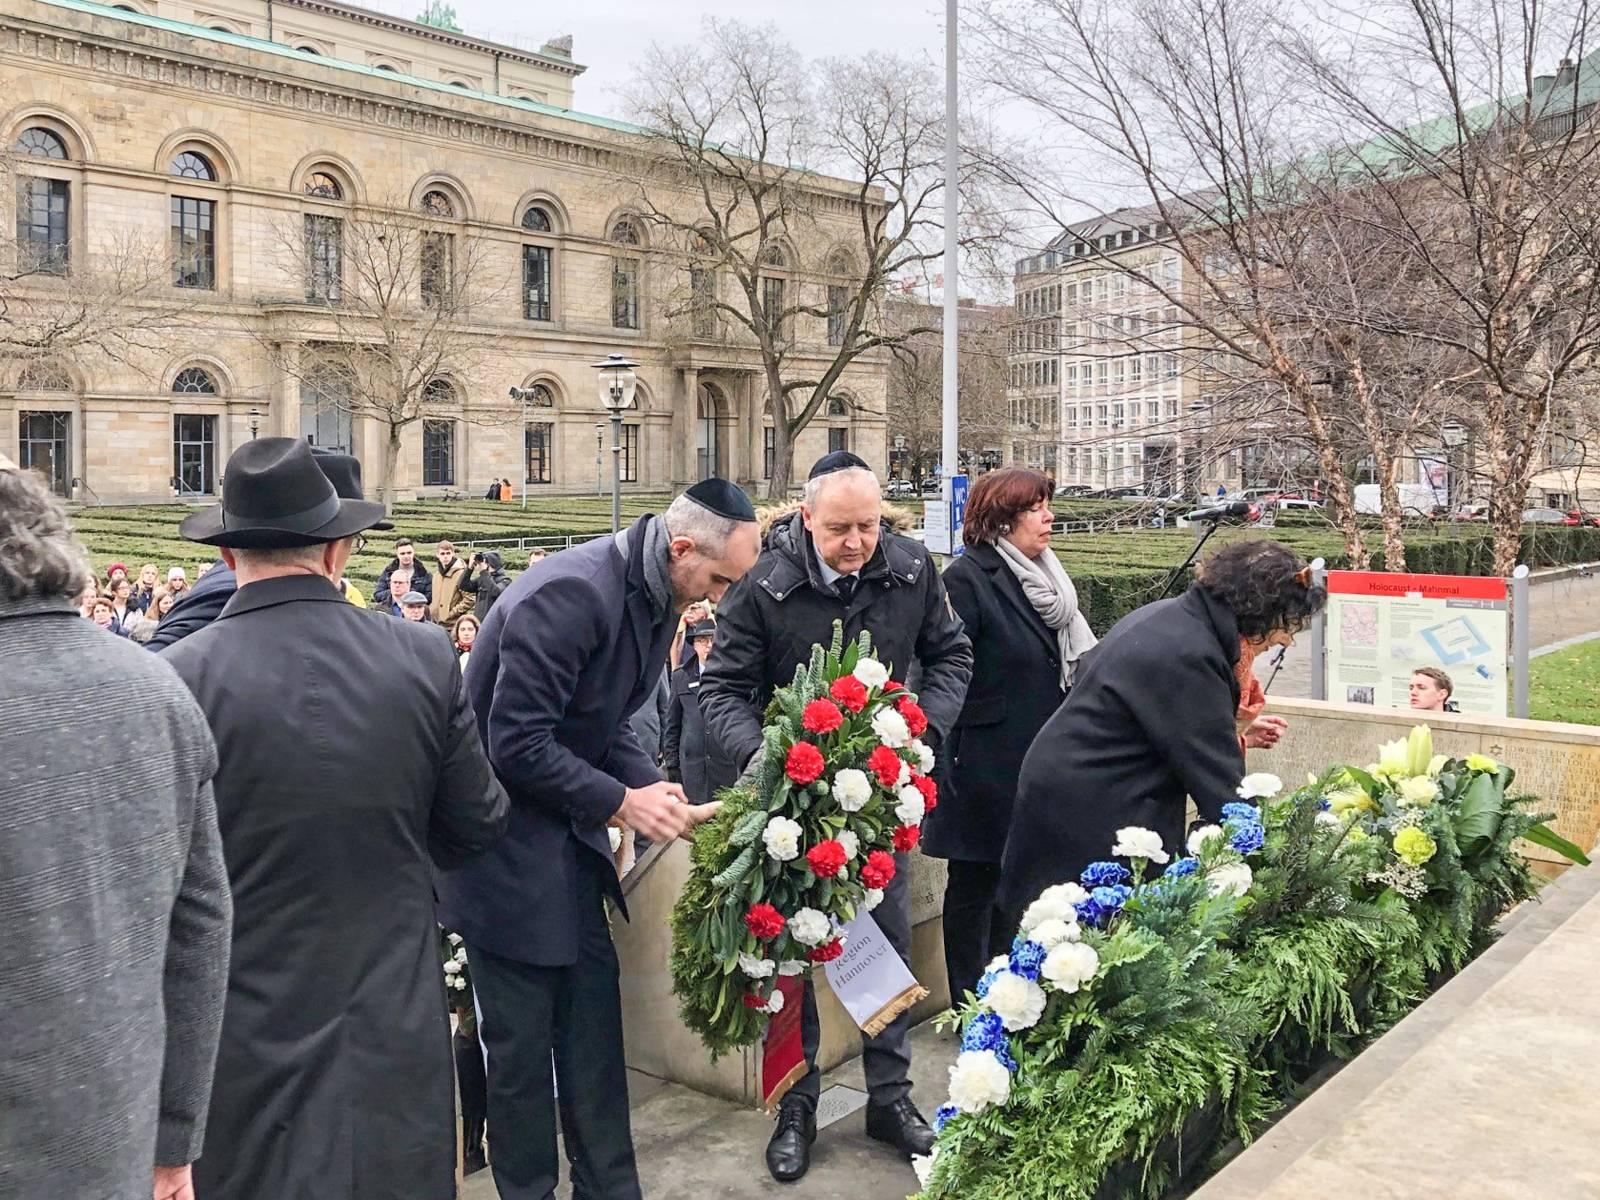 Menschen in Gedenken vor einem Mahnmal voller Blumen.